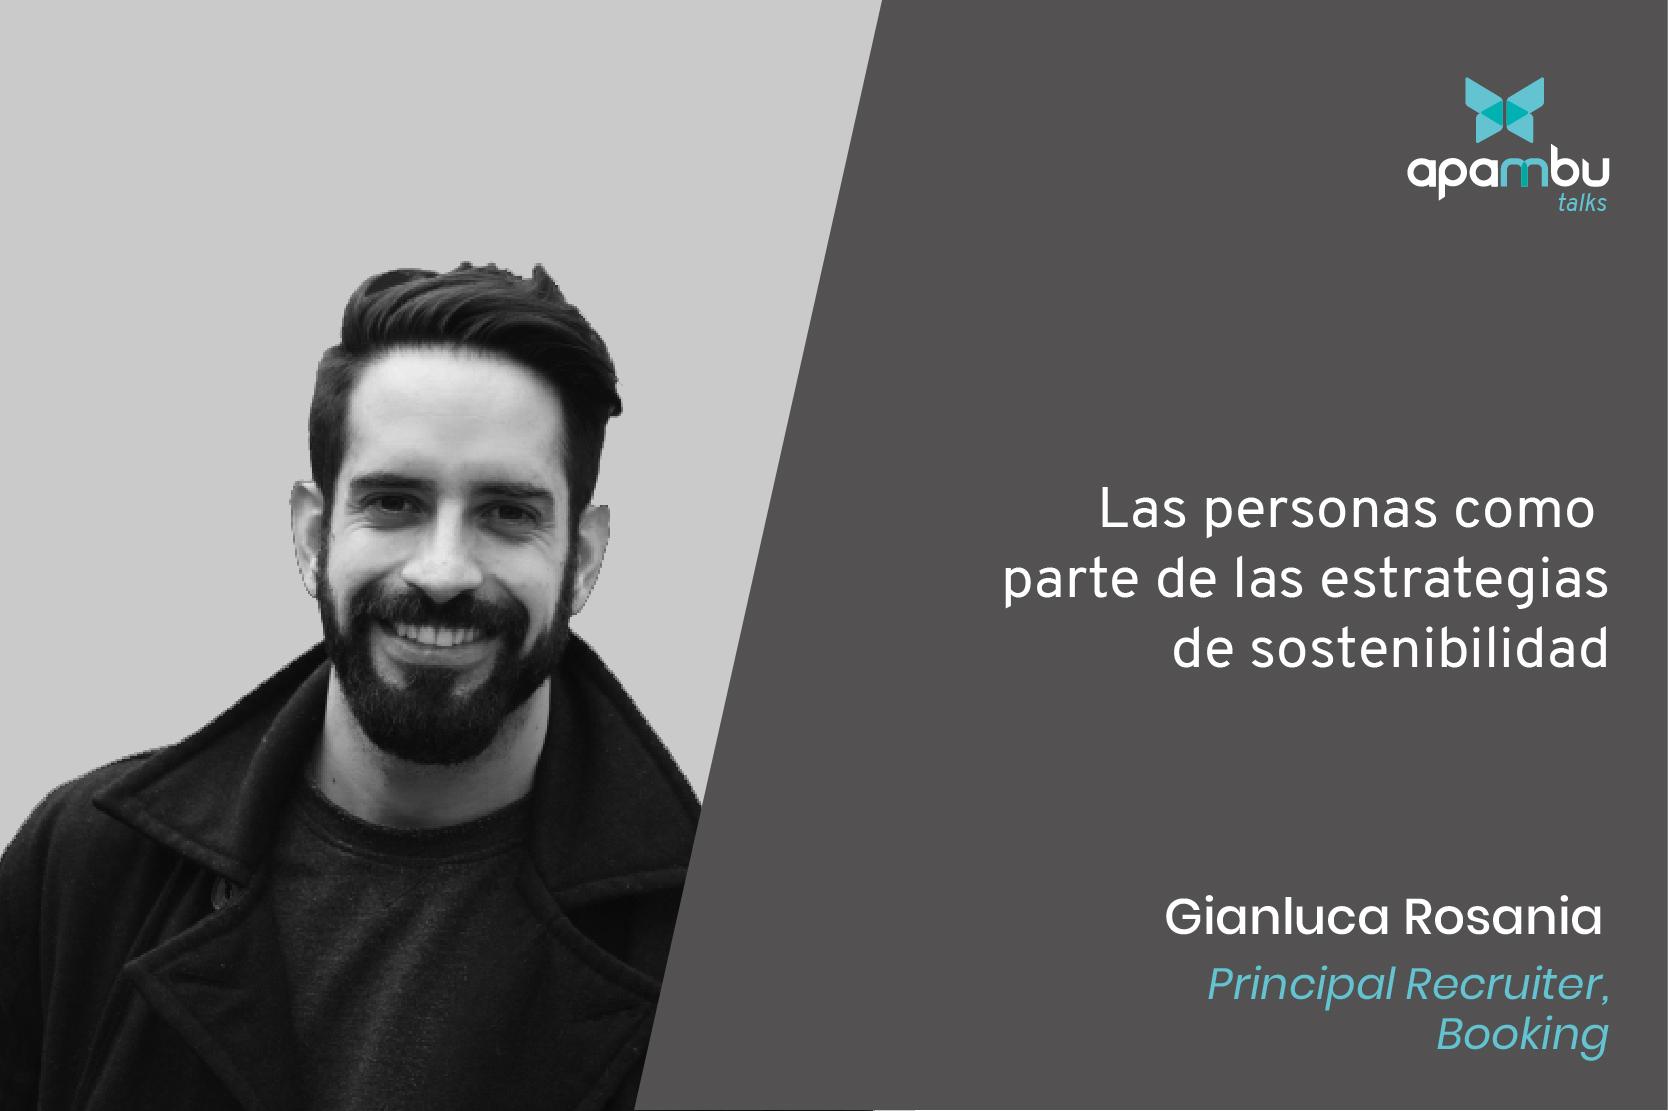 Sostenibilidad y talento contado por Gianluca Rosania